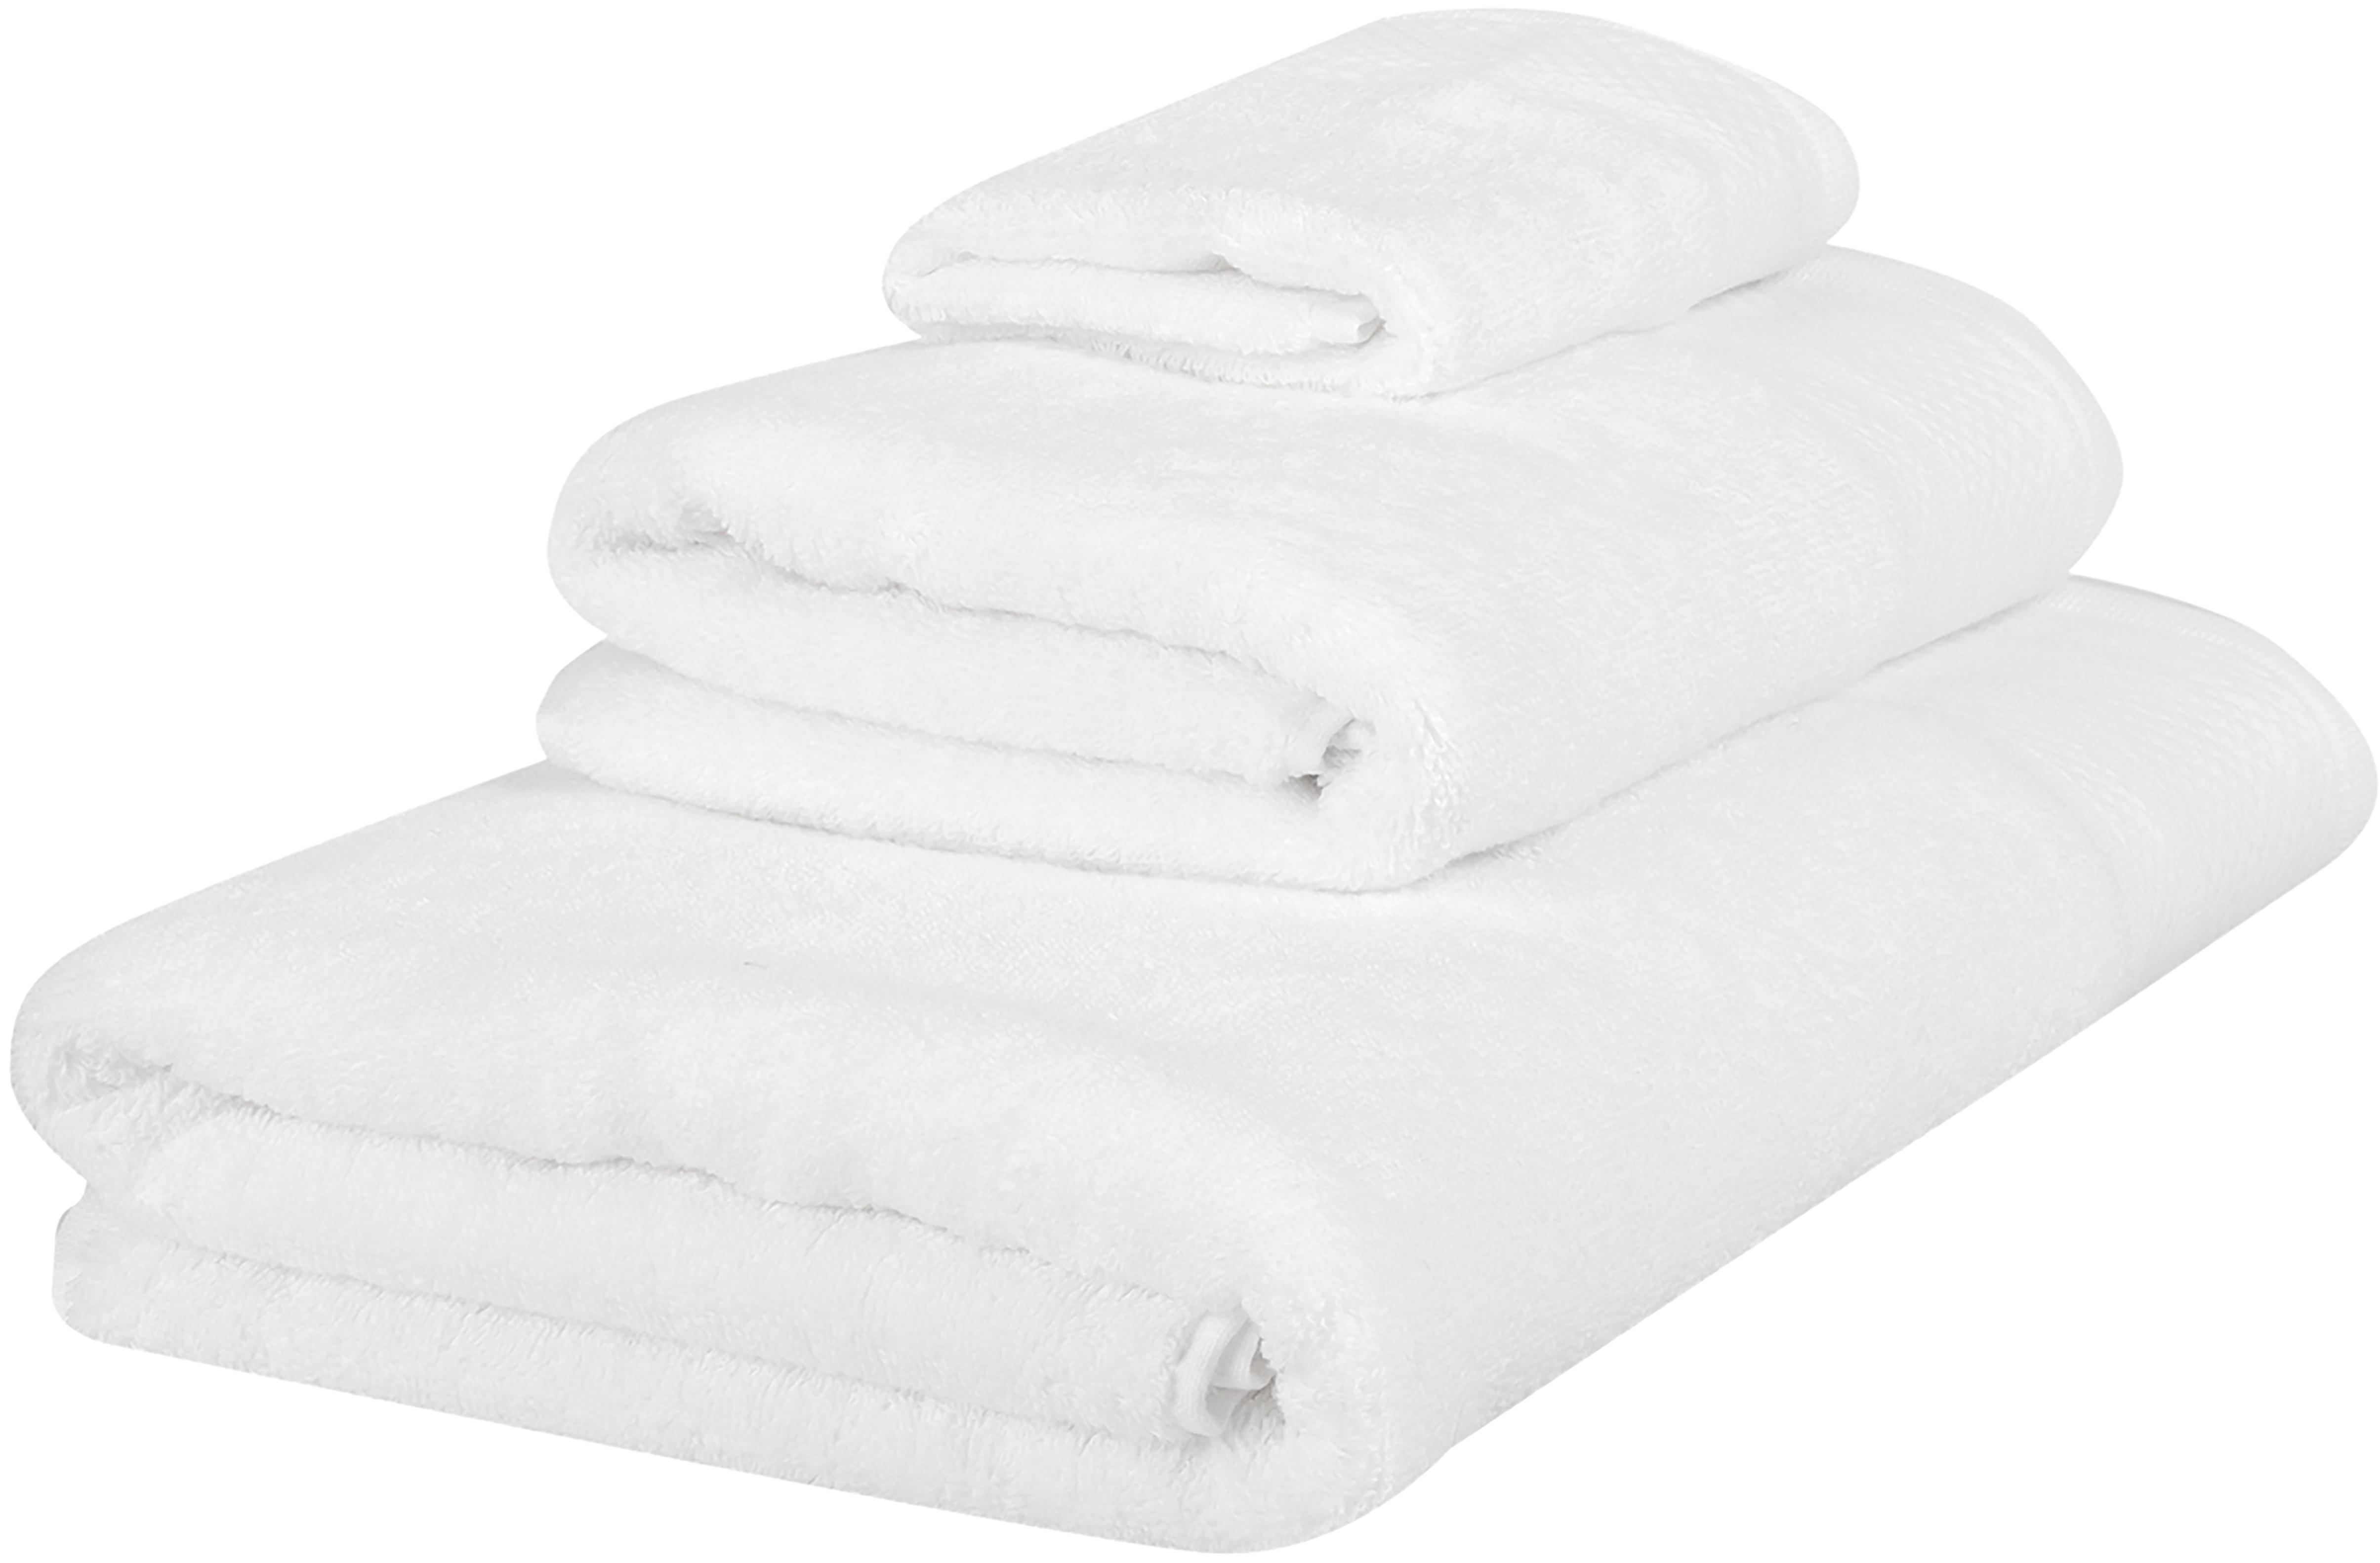 Handdoekenset Premium, 3-delig, 100% katoen, zware kwaliteit, 600 g/m², Wit, Verschillende formaten